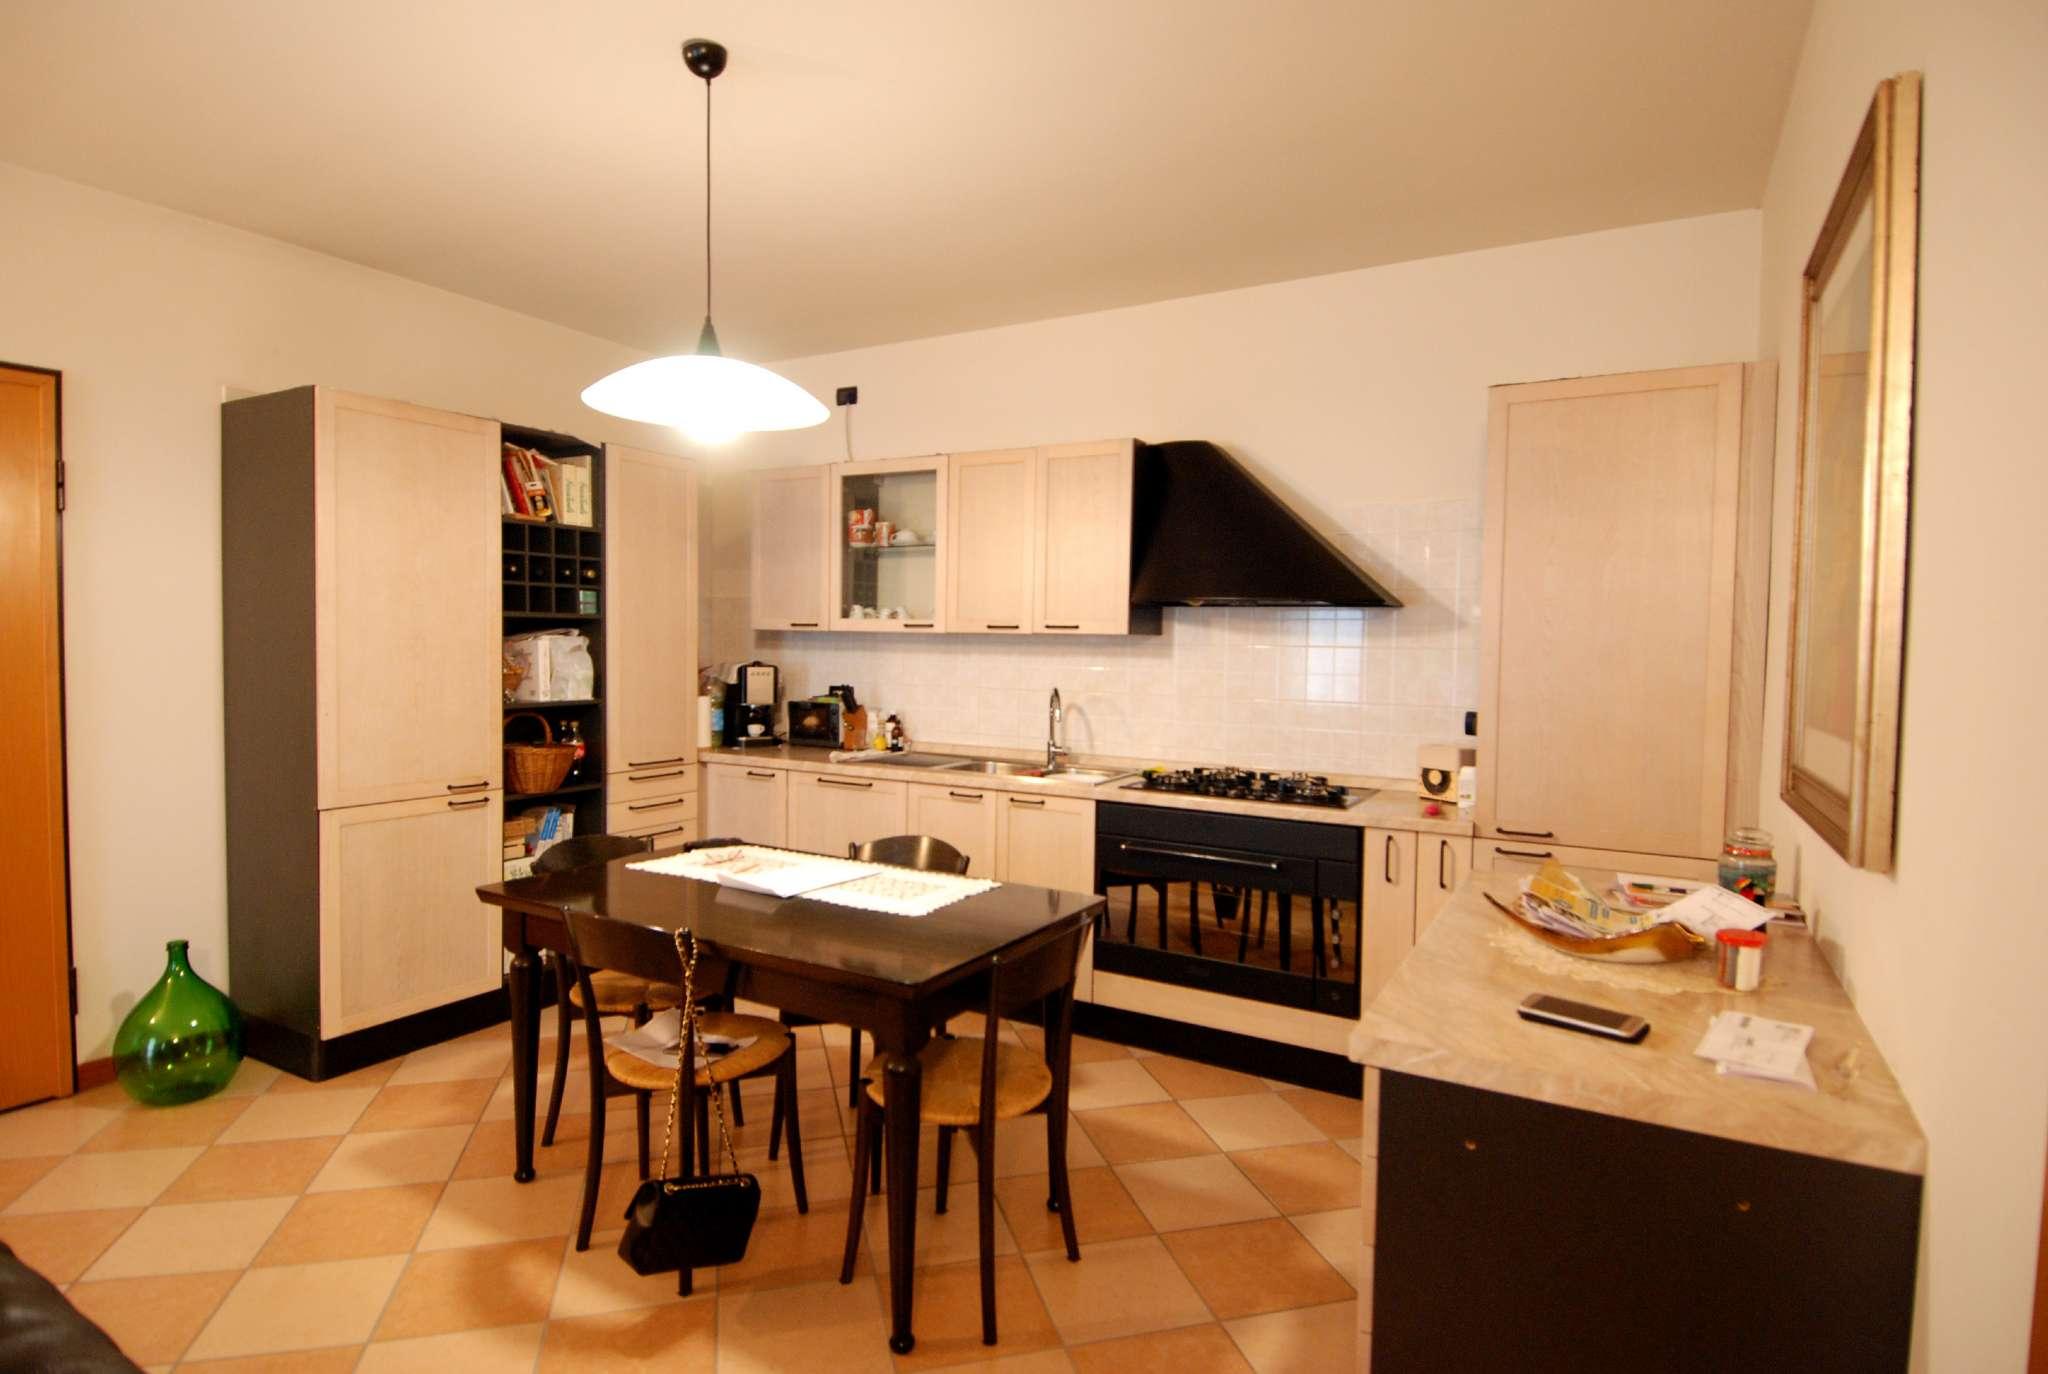 Appartamento in vendita a San Giorgio in Bosco, 3 locali, prezzo € 115.000 | PortaleAgenzieImmobiliari.it